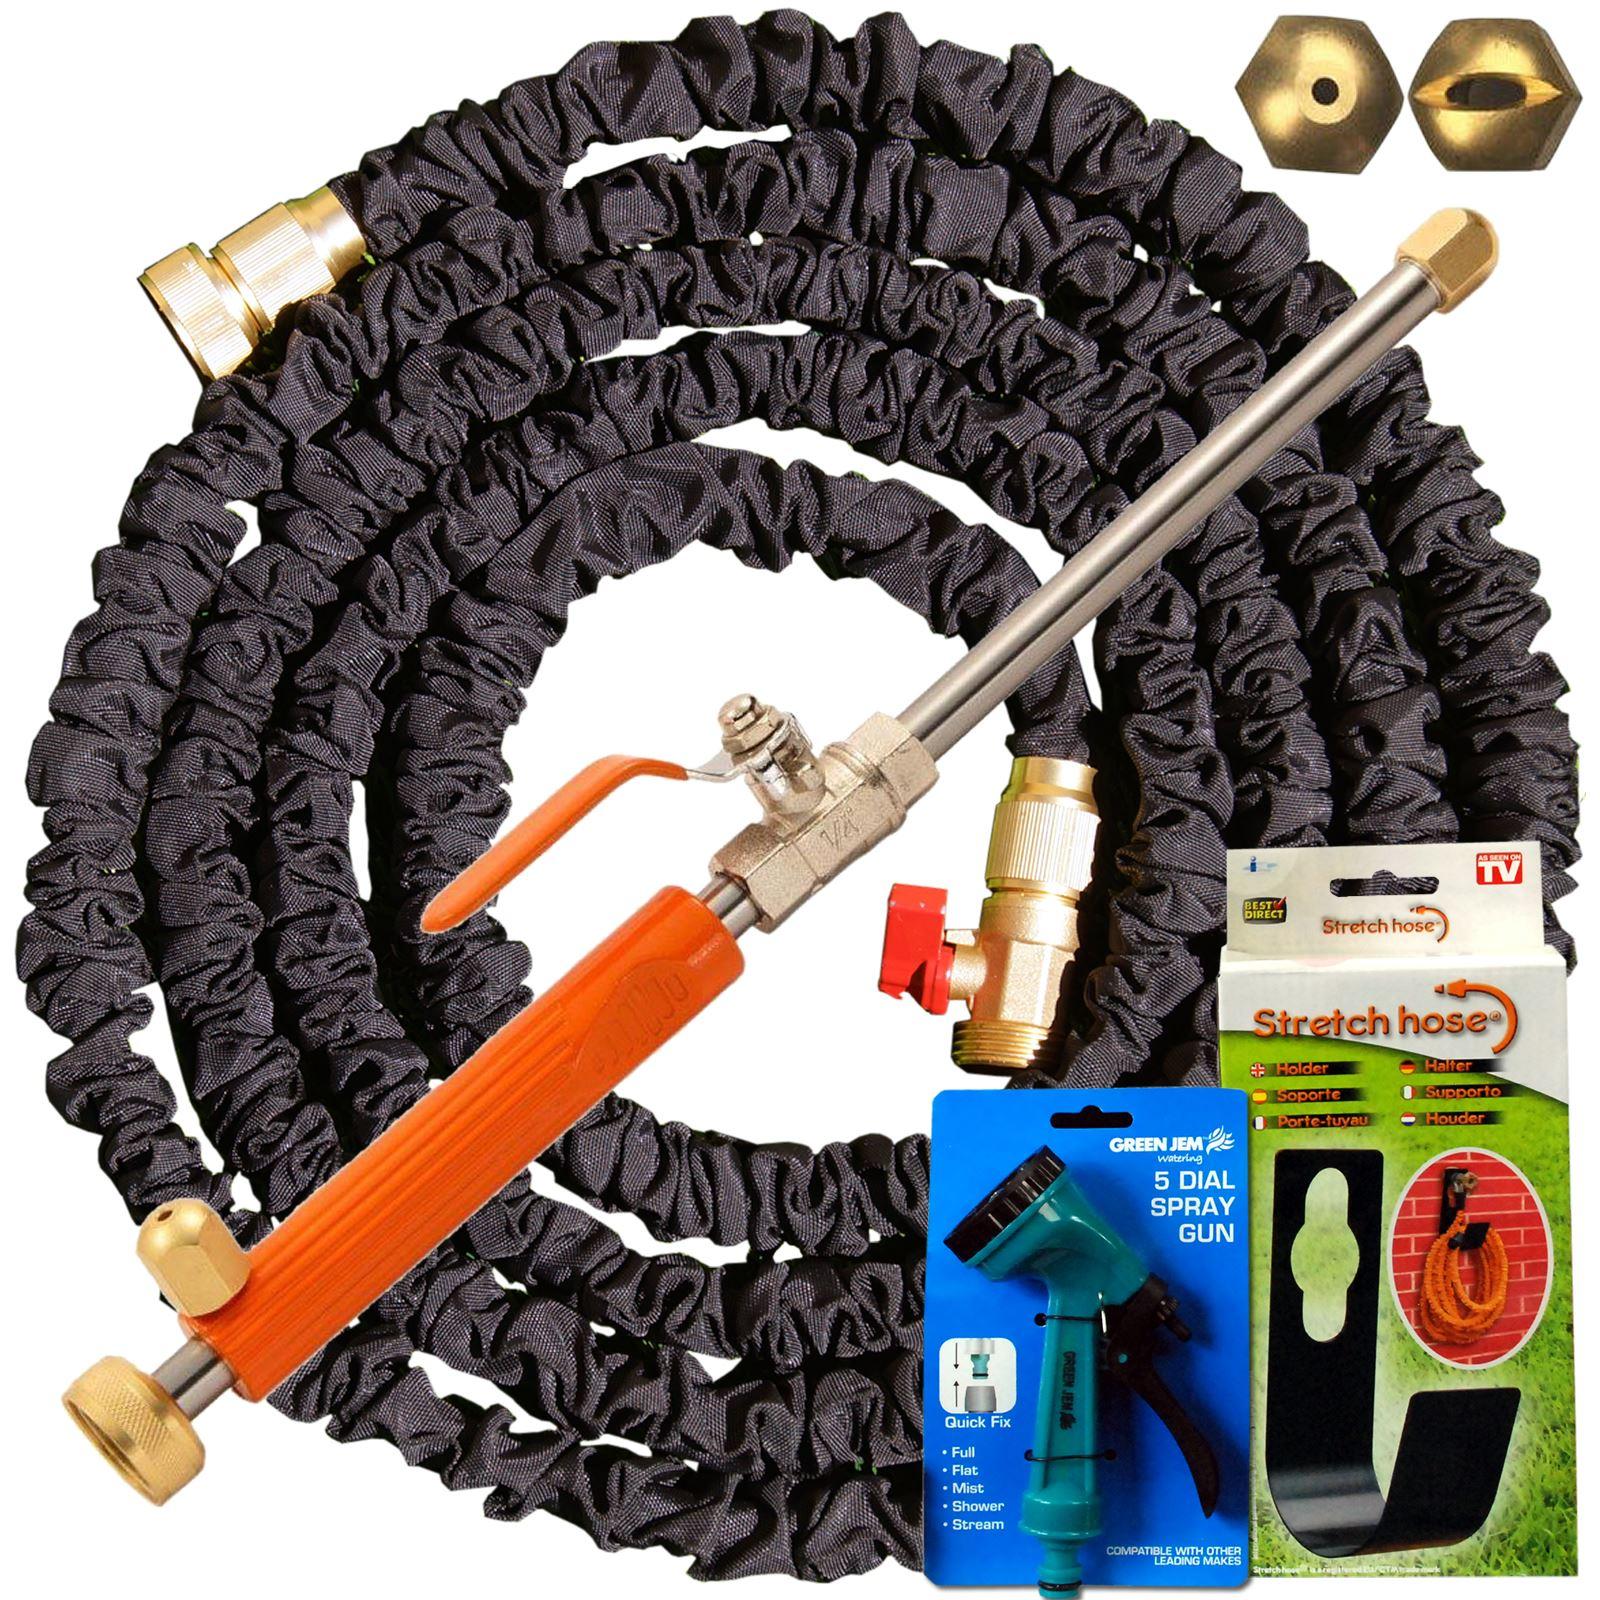 Stretch hose pro